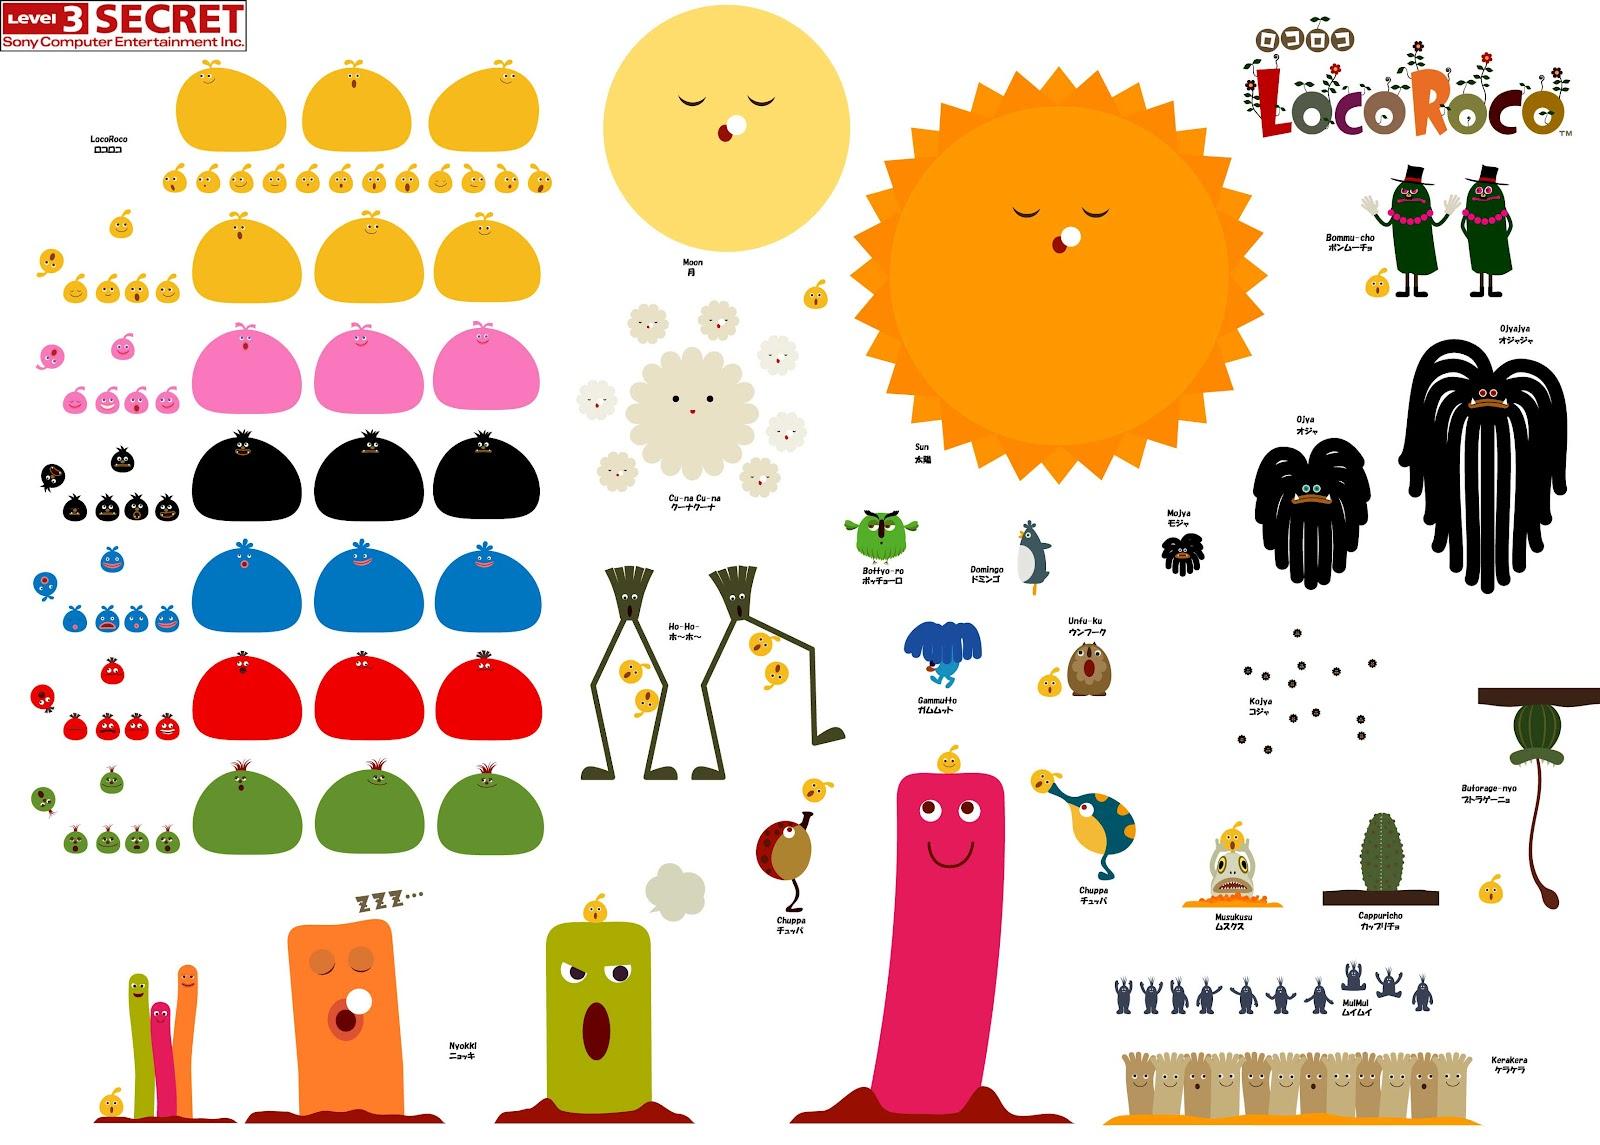 Lauren S Blog Locoroco Wallpaper